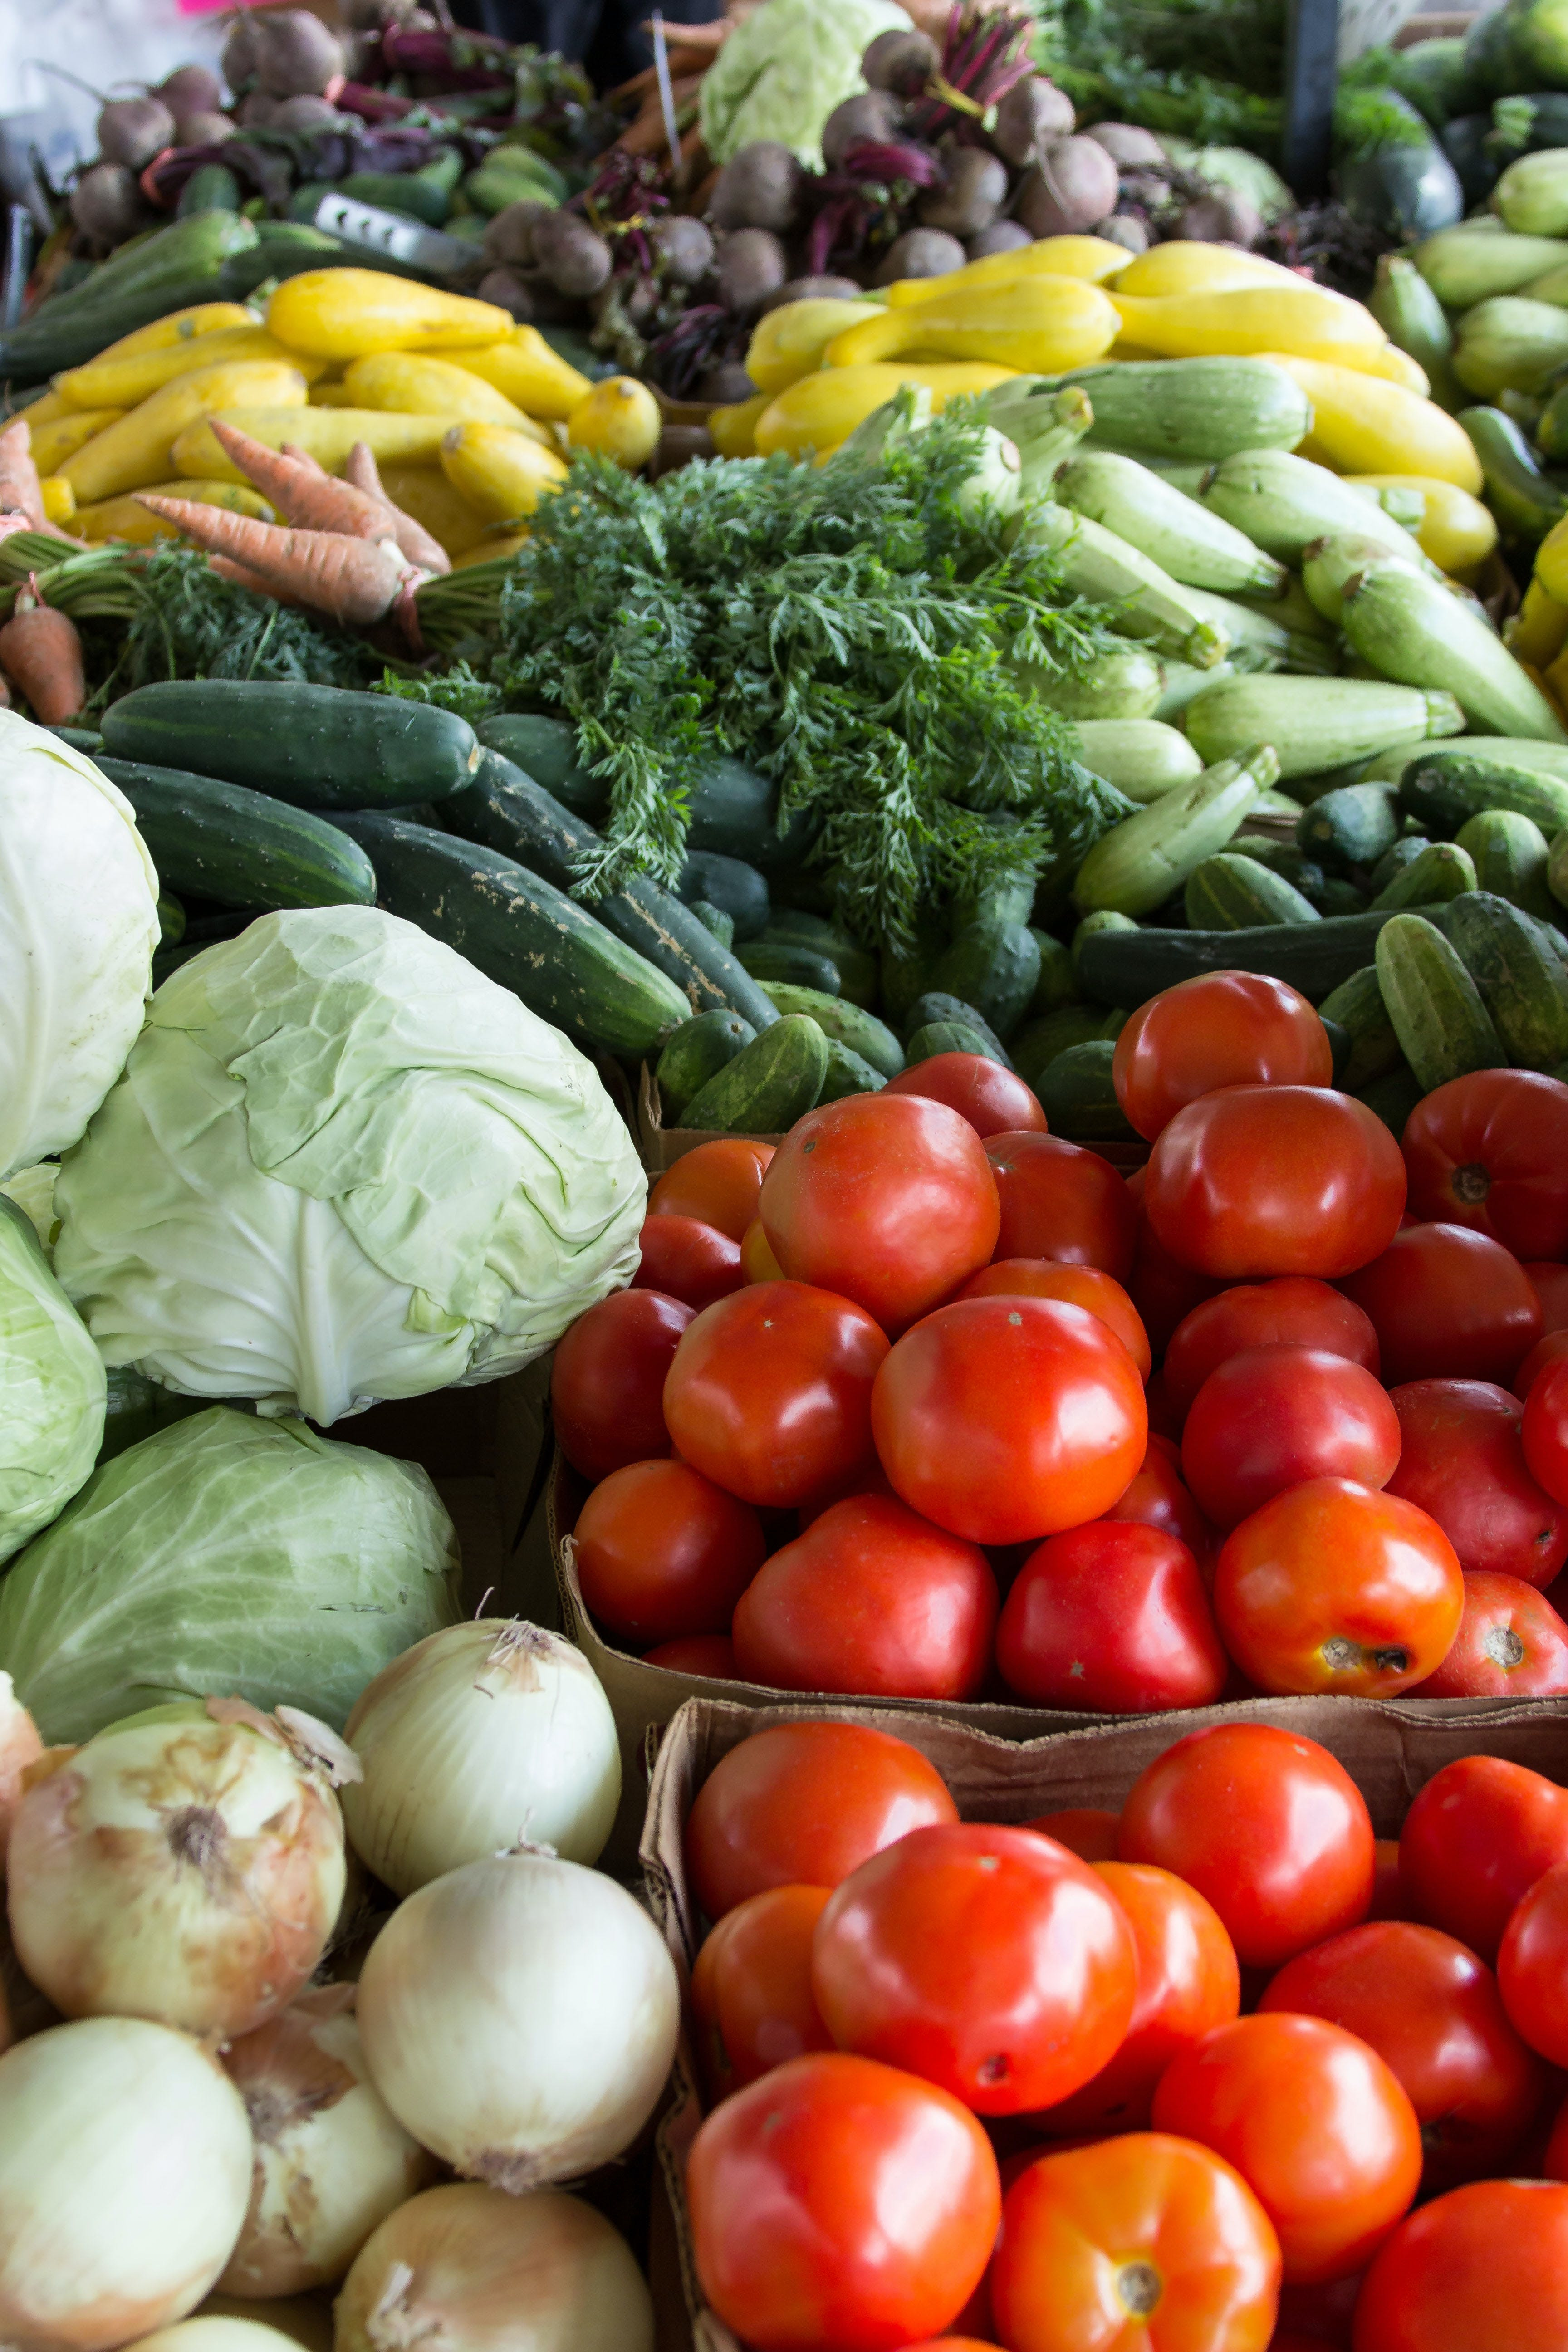 Fotos de stock gratuitas de cebollas, clasificado, col, color